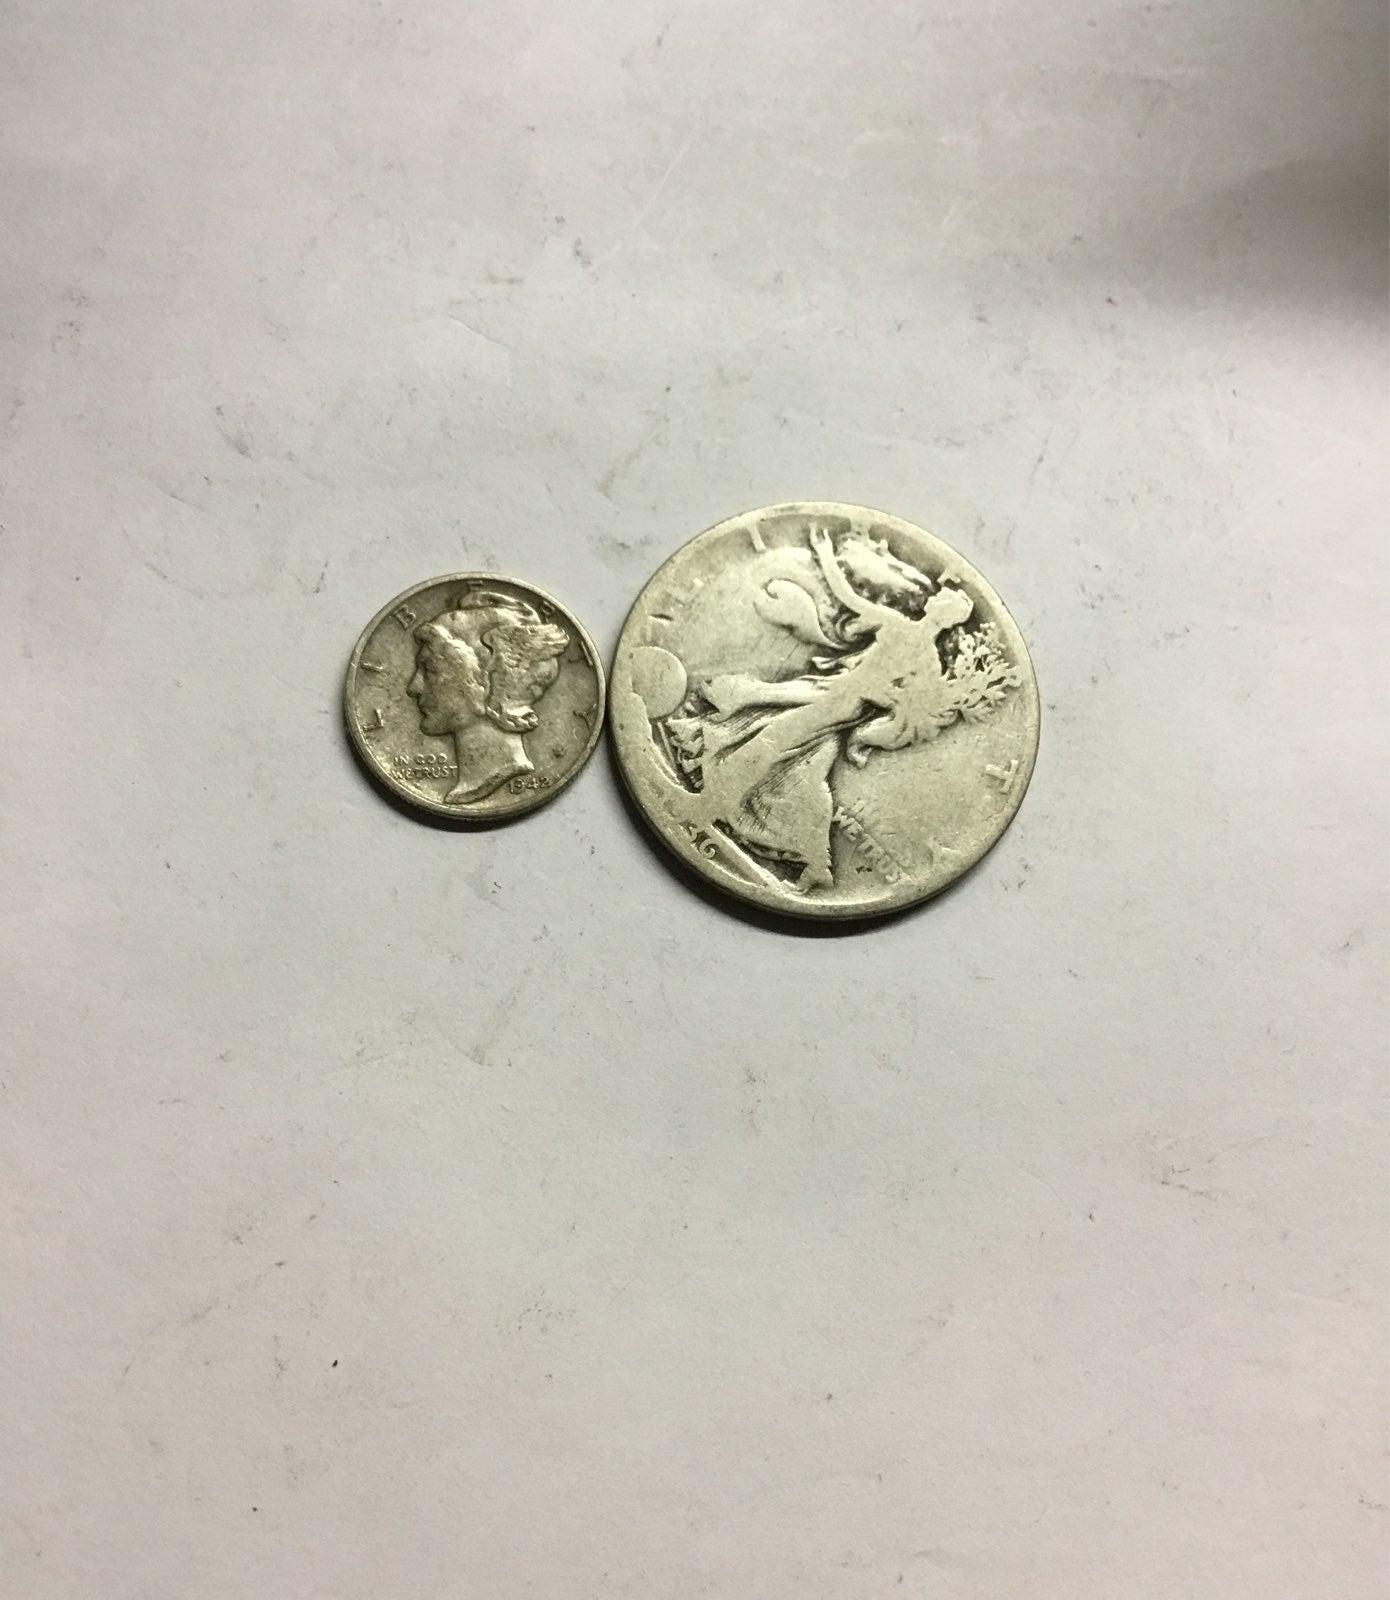 1/2 regular ounce 90% silver